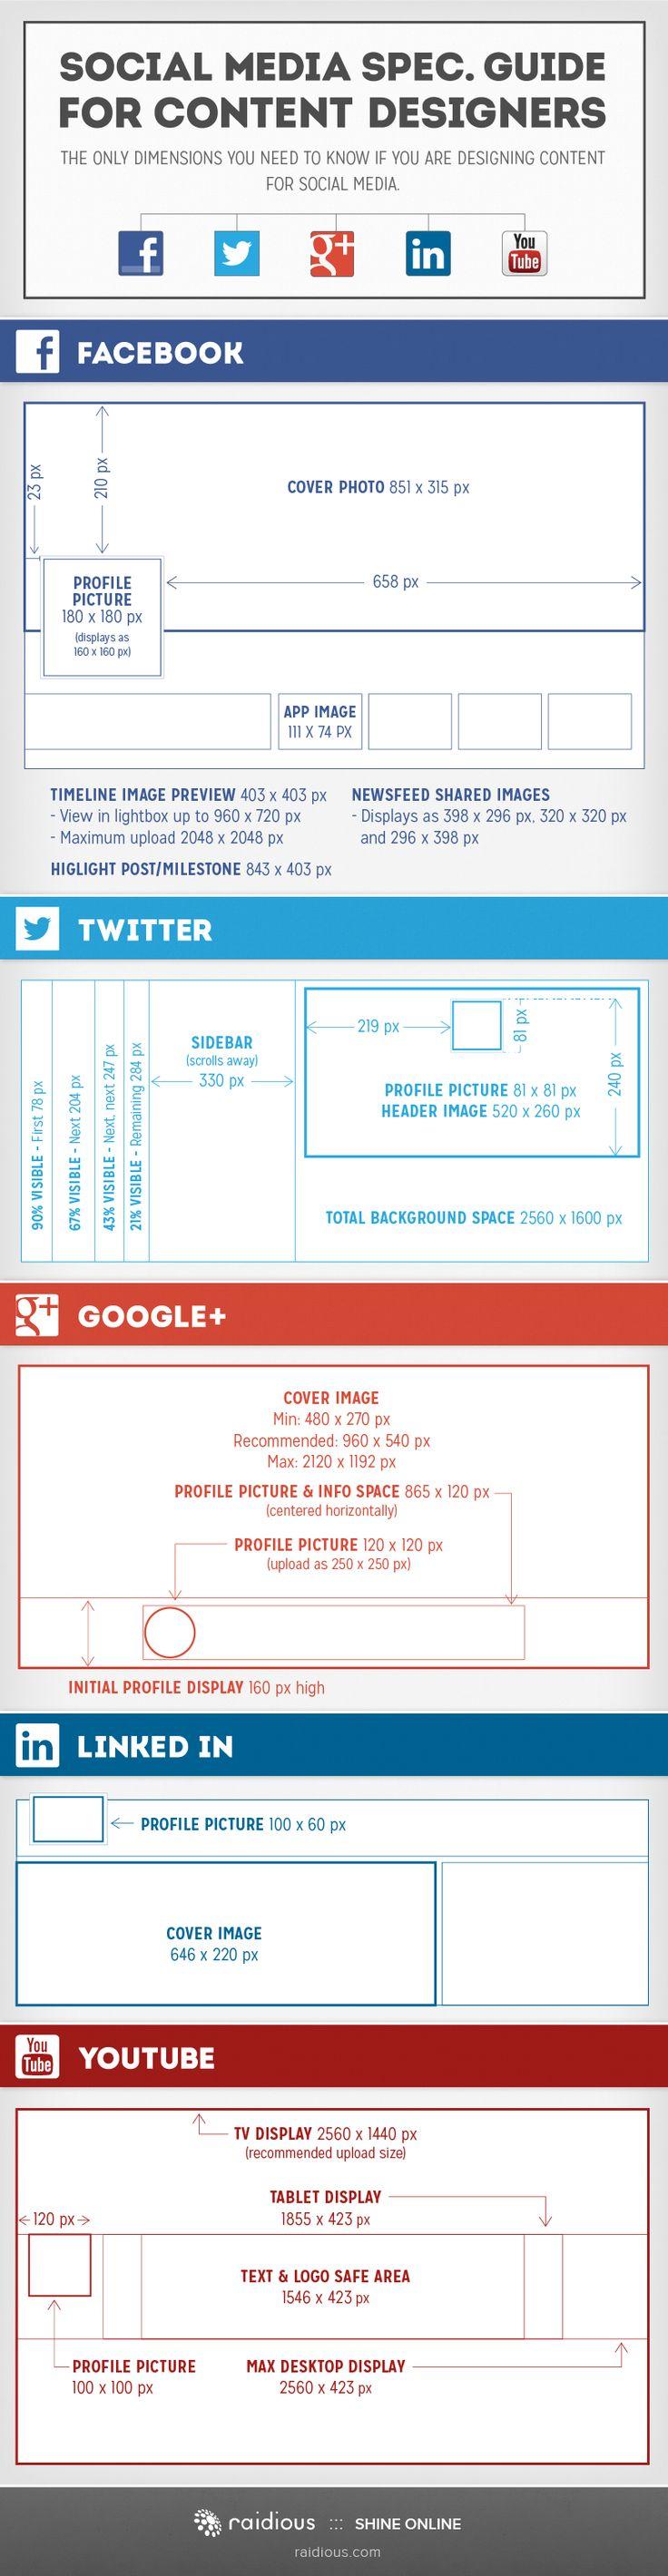 Størrelser på billeder på de forskellige medier